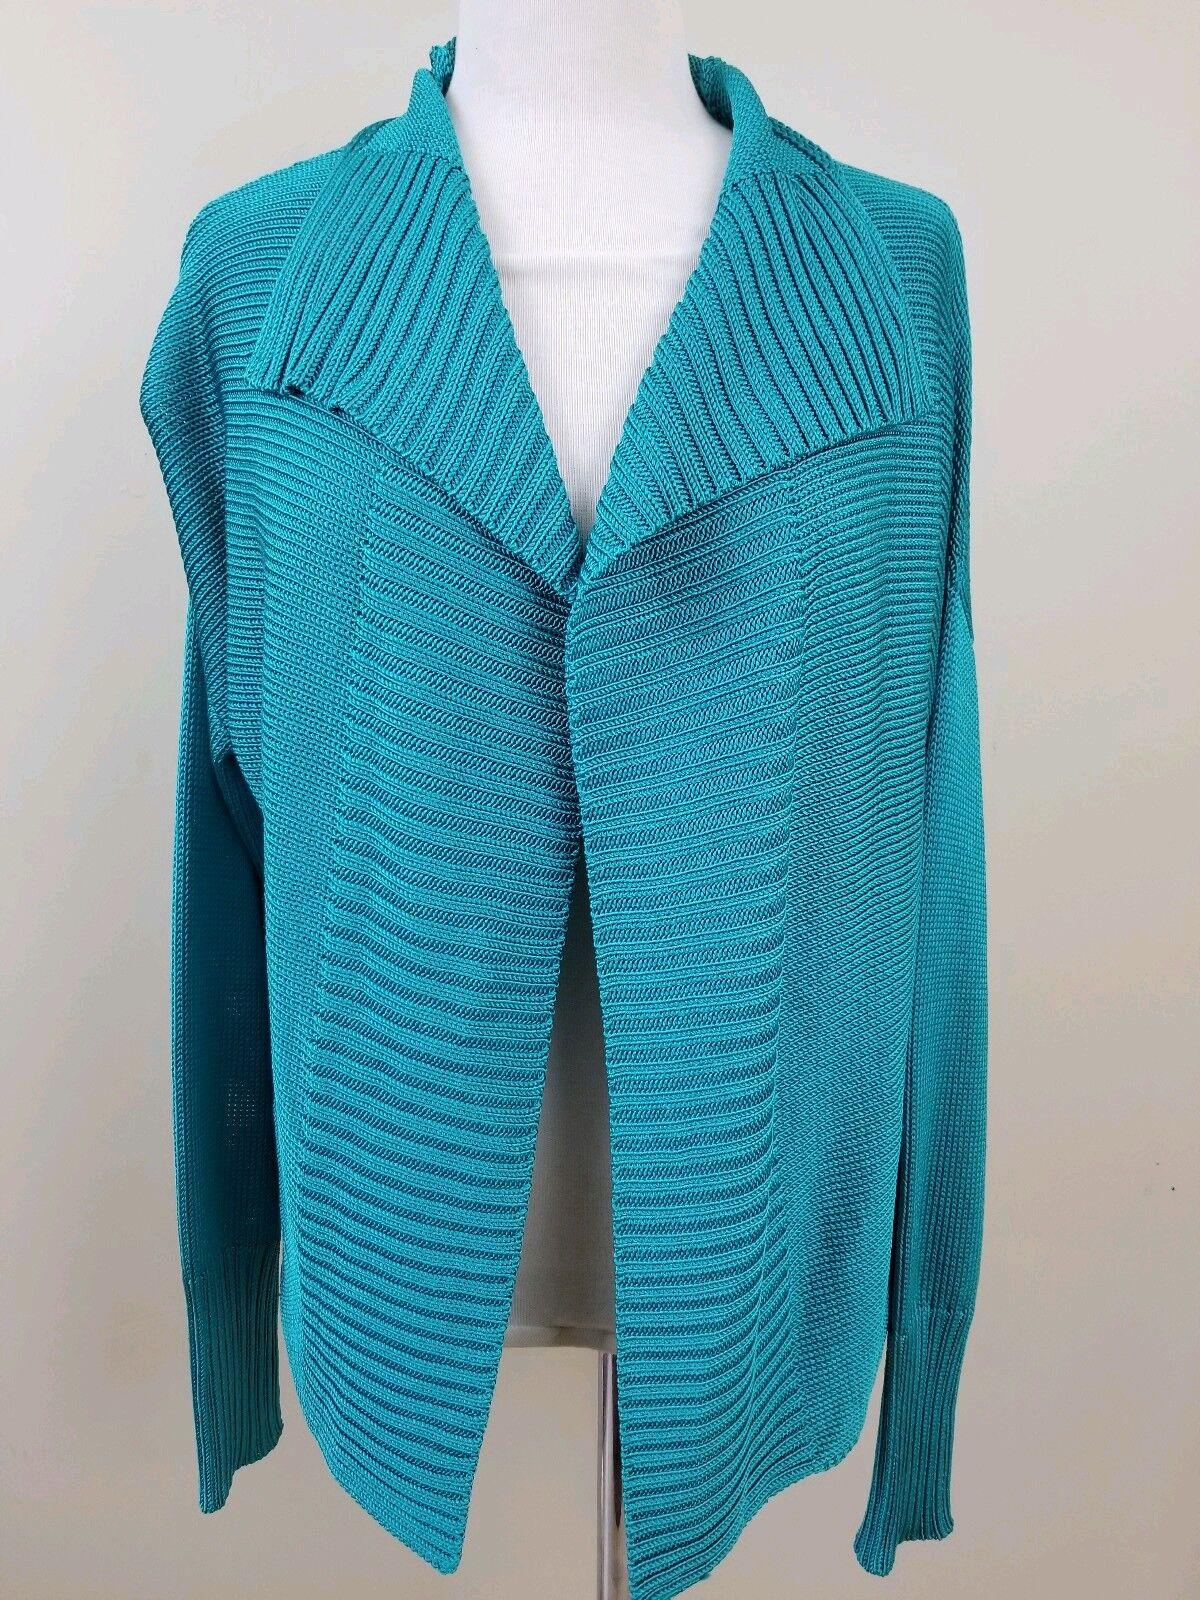 NWT damen schwarz Label Ralph Lauren 100% silk Teal Grün sz L sweater shirt